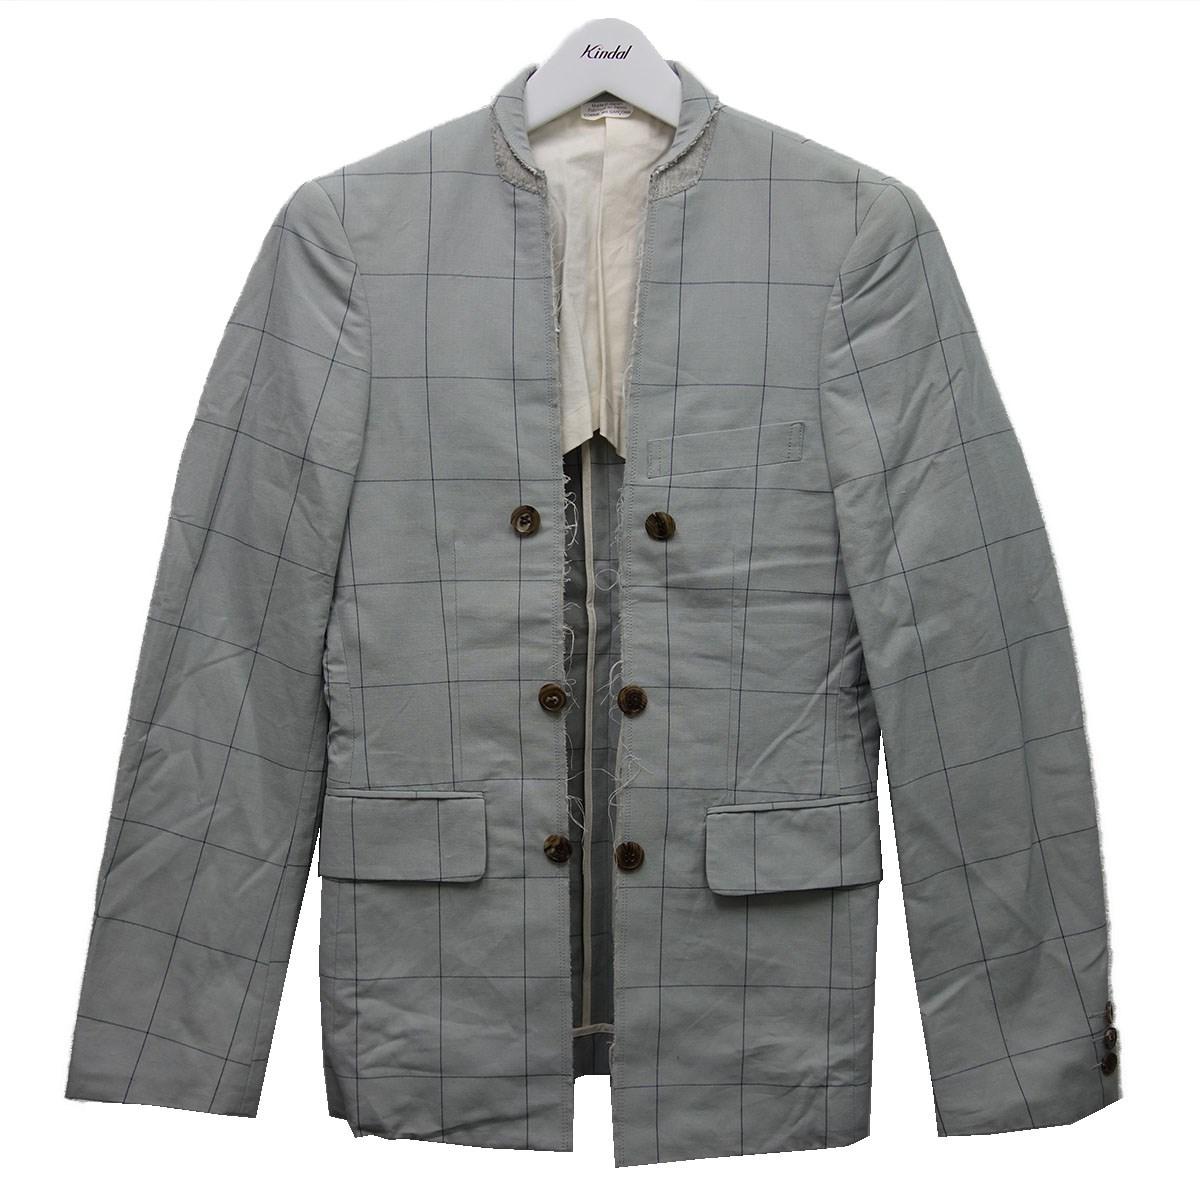 【中古】COMME des GARCONS HOMME PLUS 16SS カットオフチェックジャケット グレー サイズ:XL 【250820】(コムデギャルソンオムプリュス)